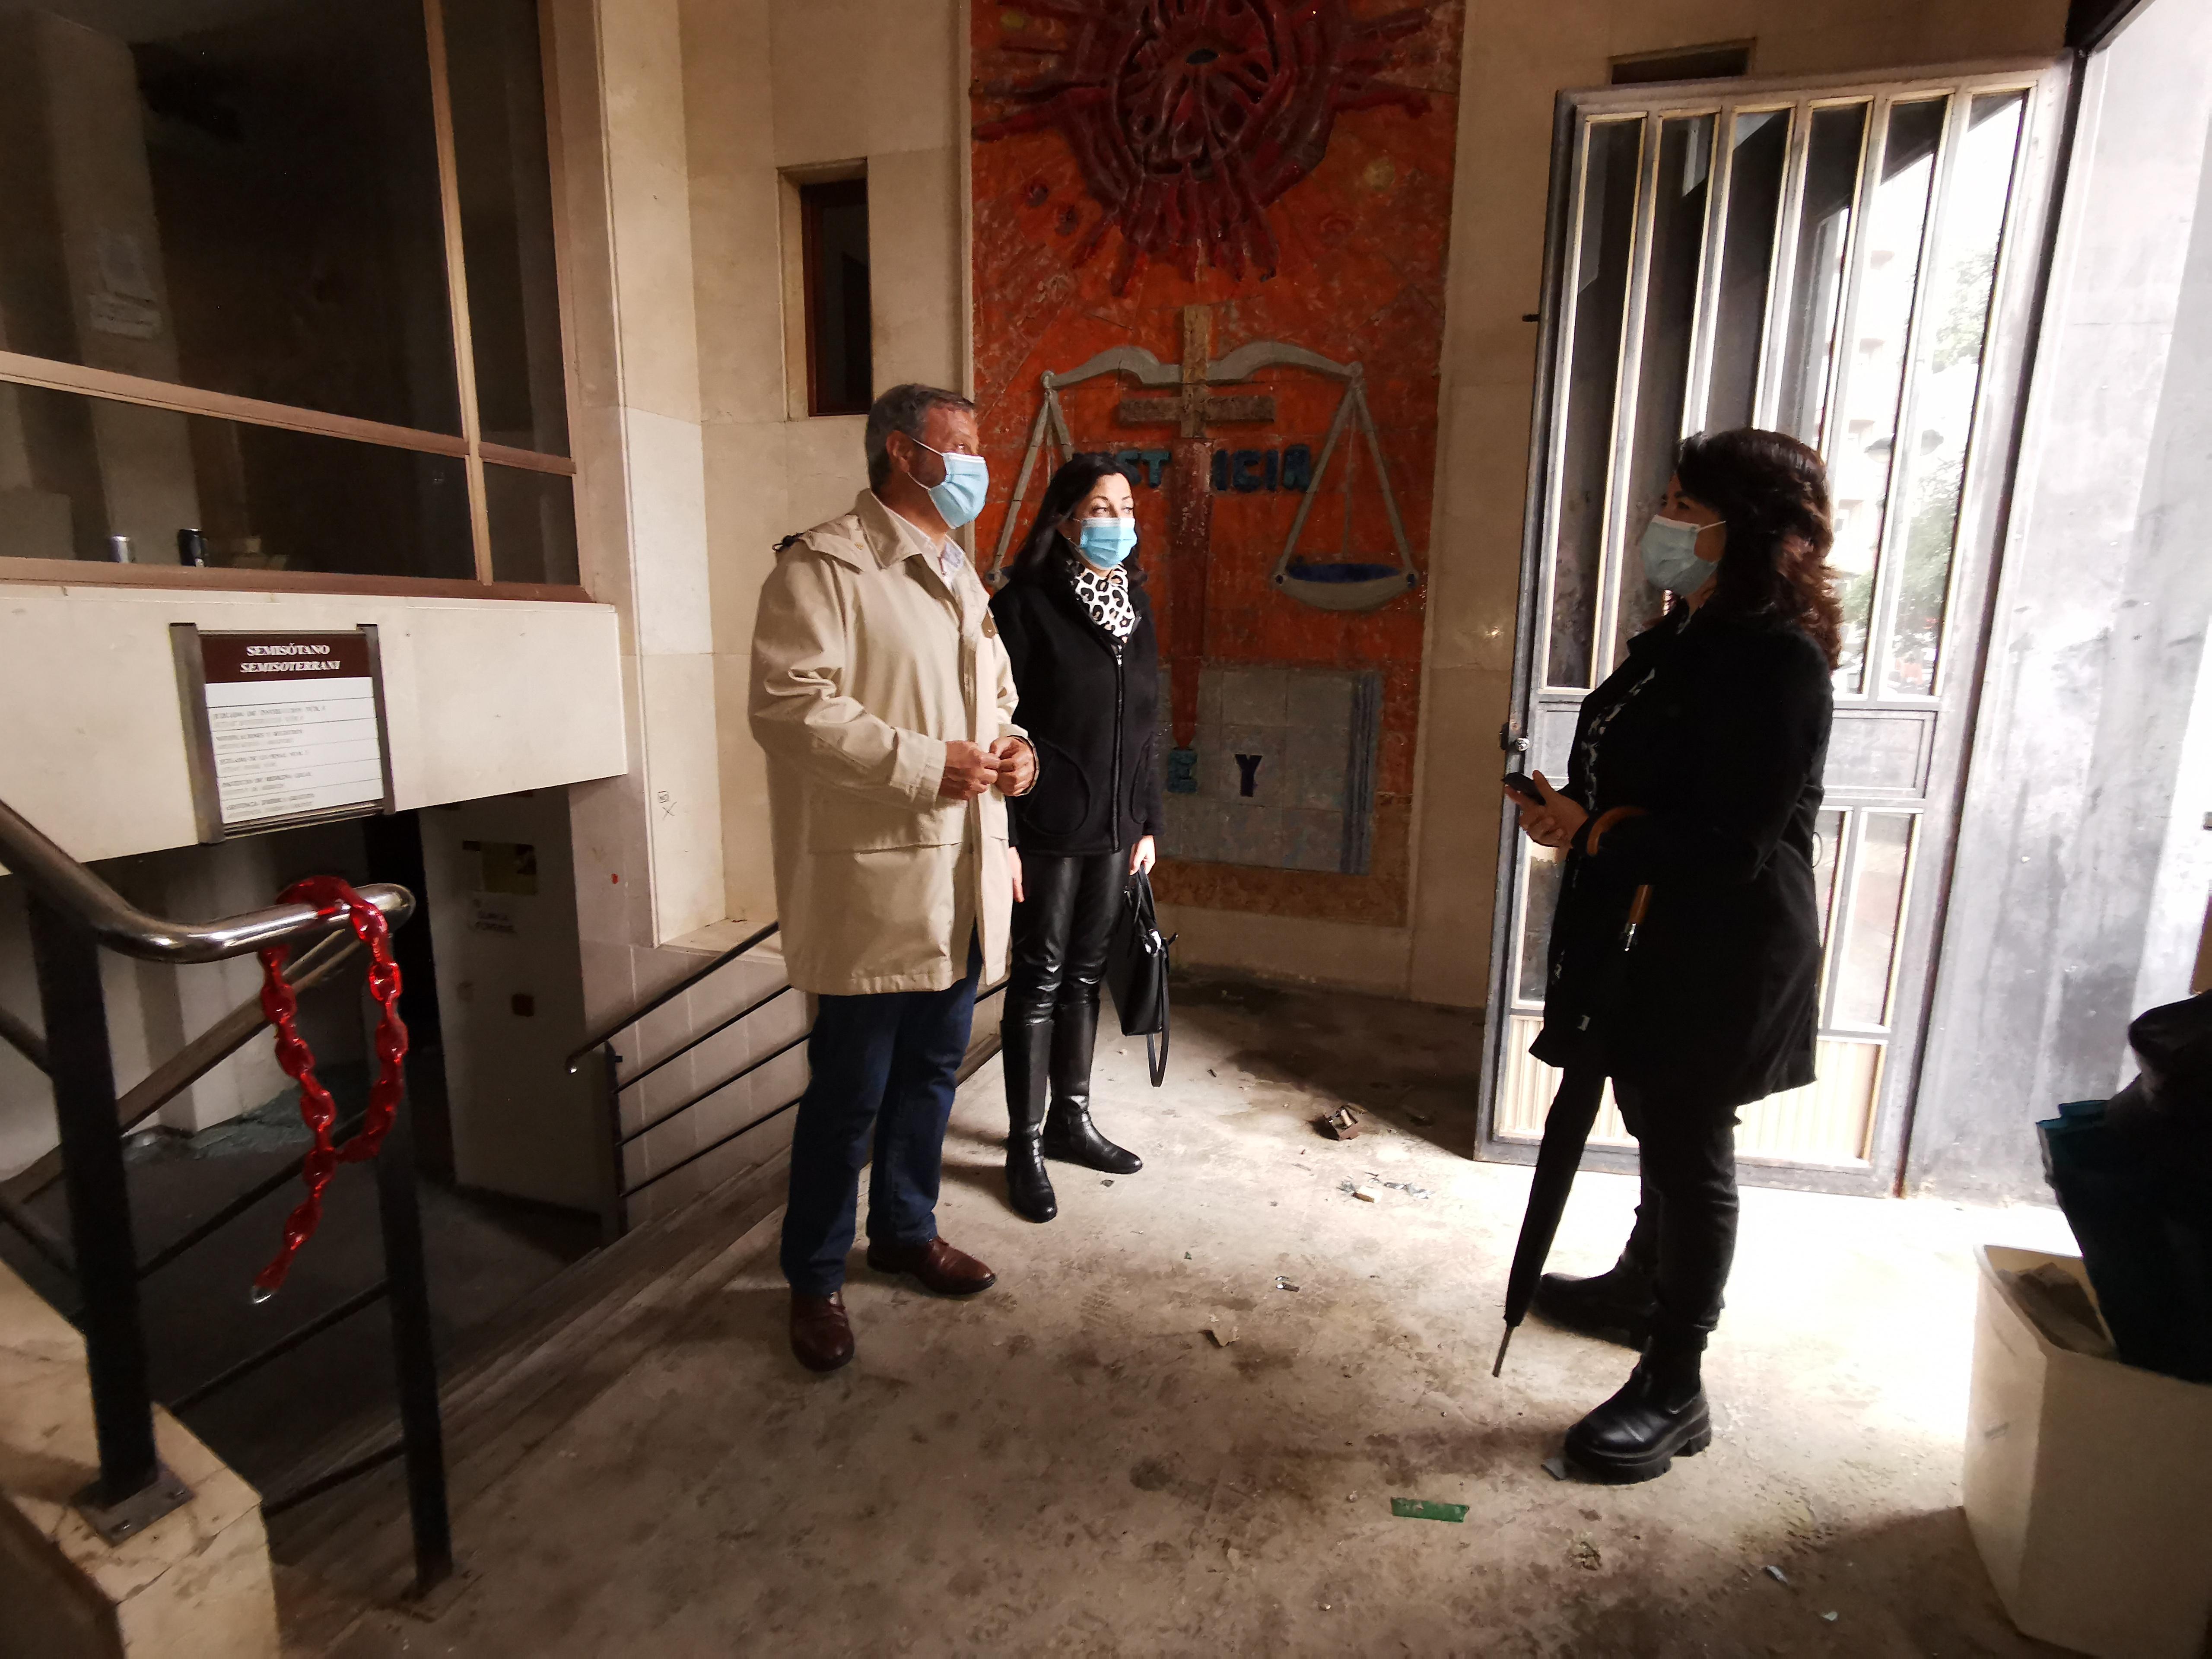 Patrimonio se reúne con la constructora responsable de la rehabilitación de Borrull para iniciar las labores de medición y seguridad